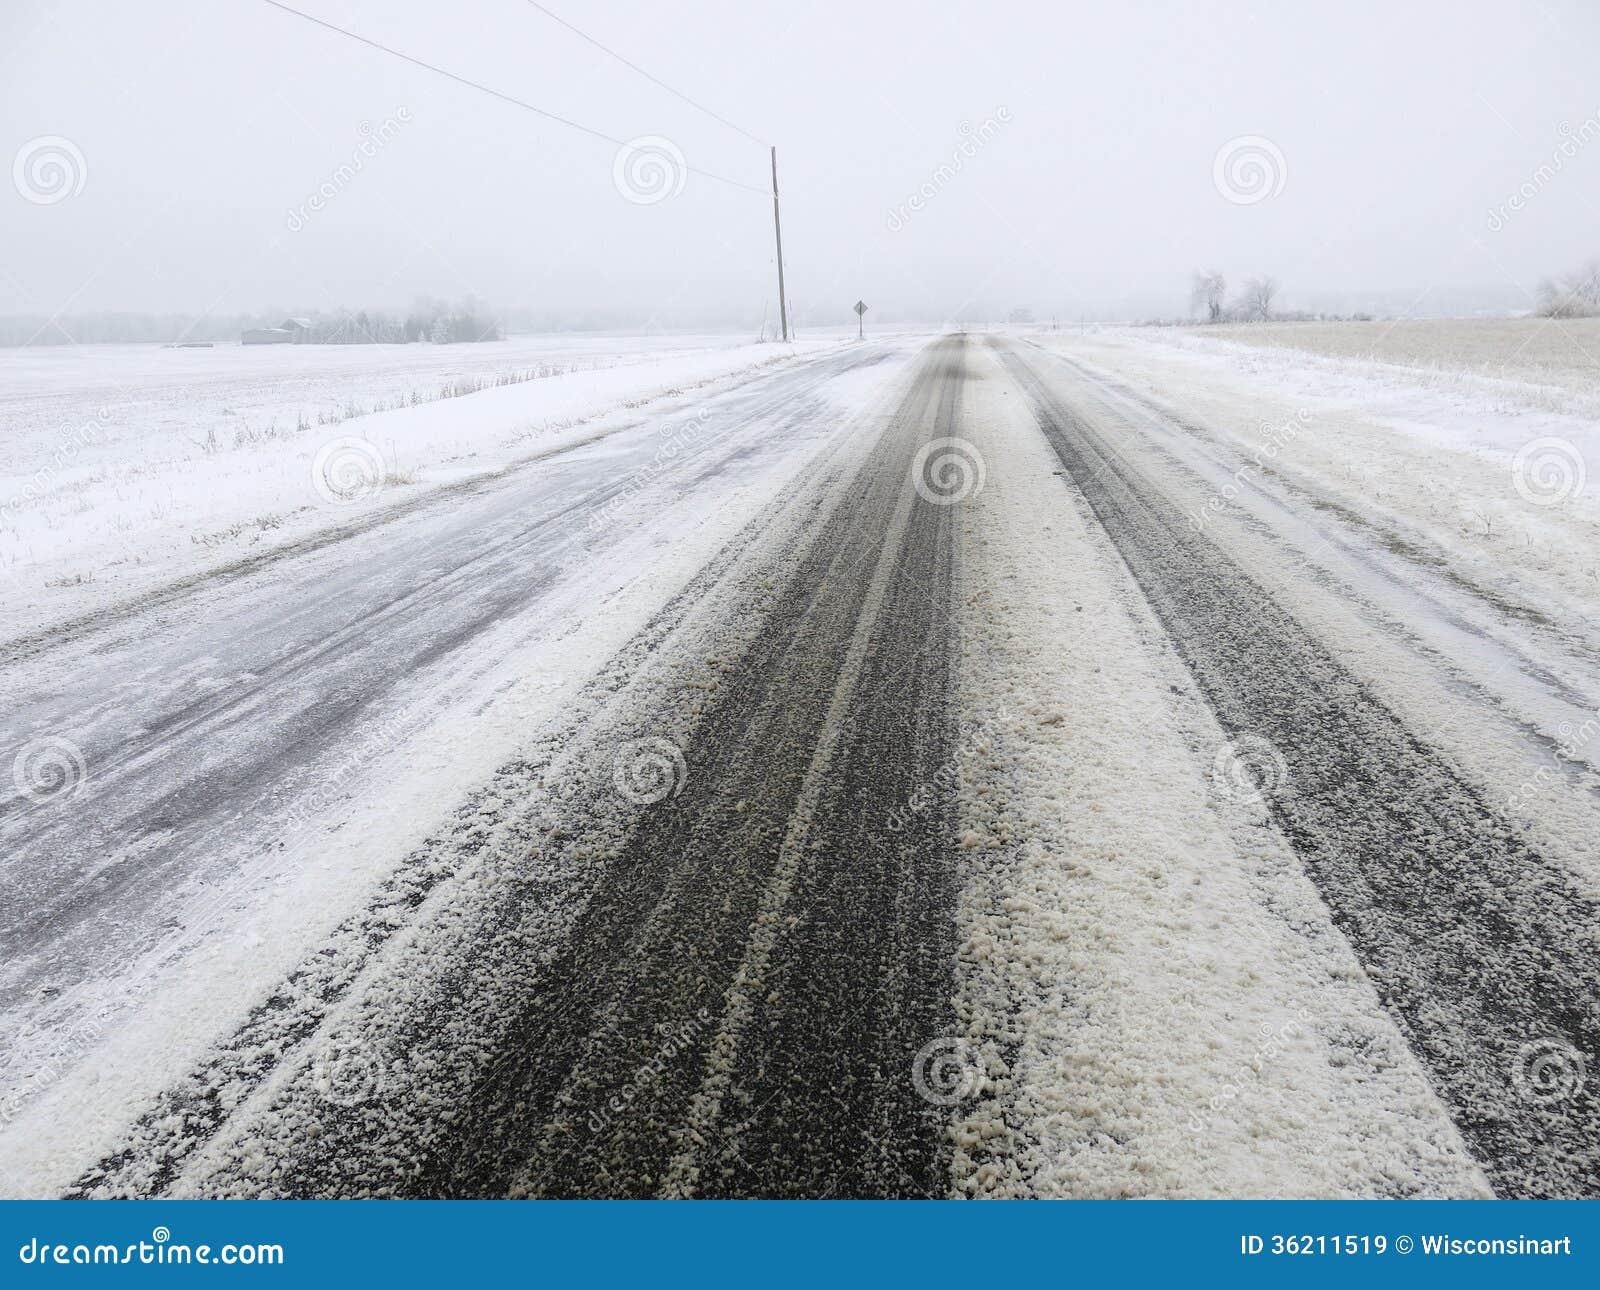 Beware of Bad Roads